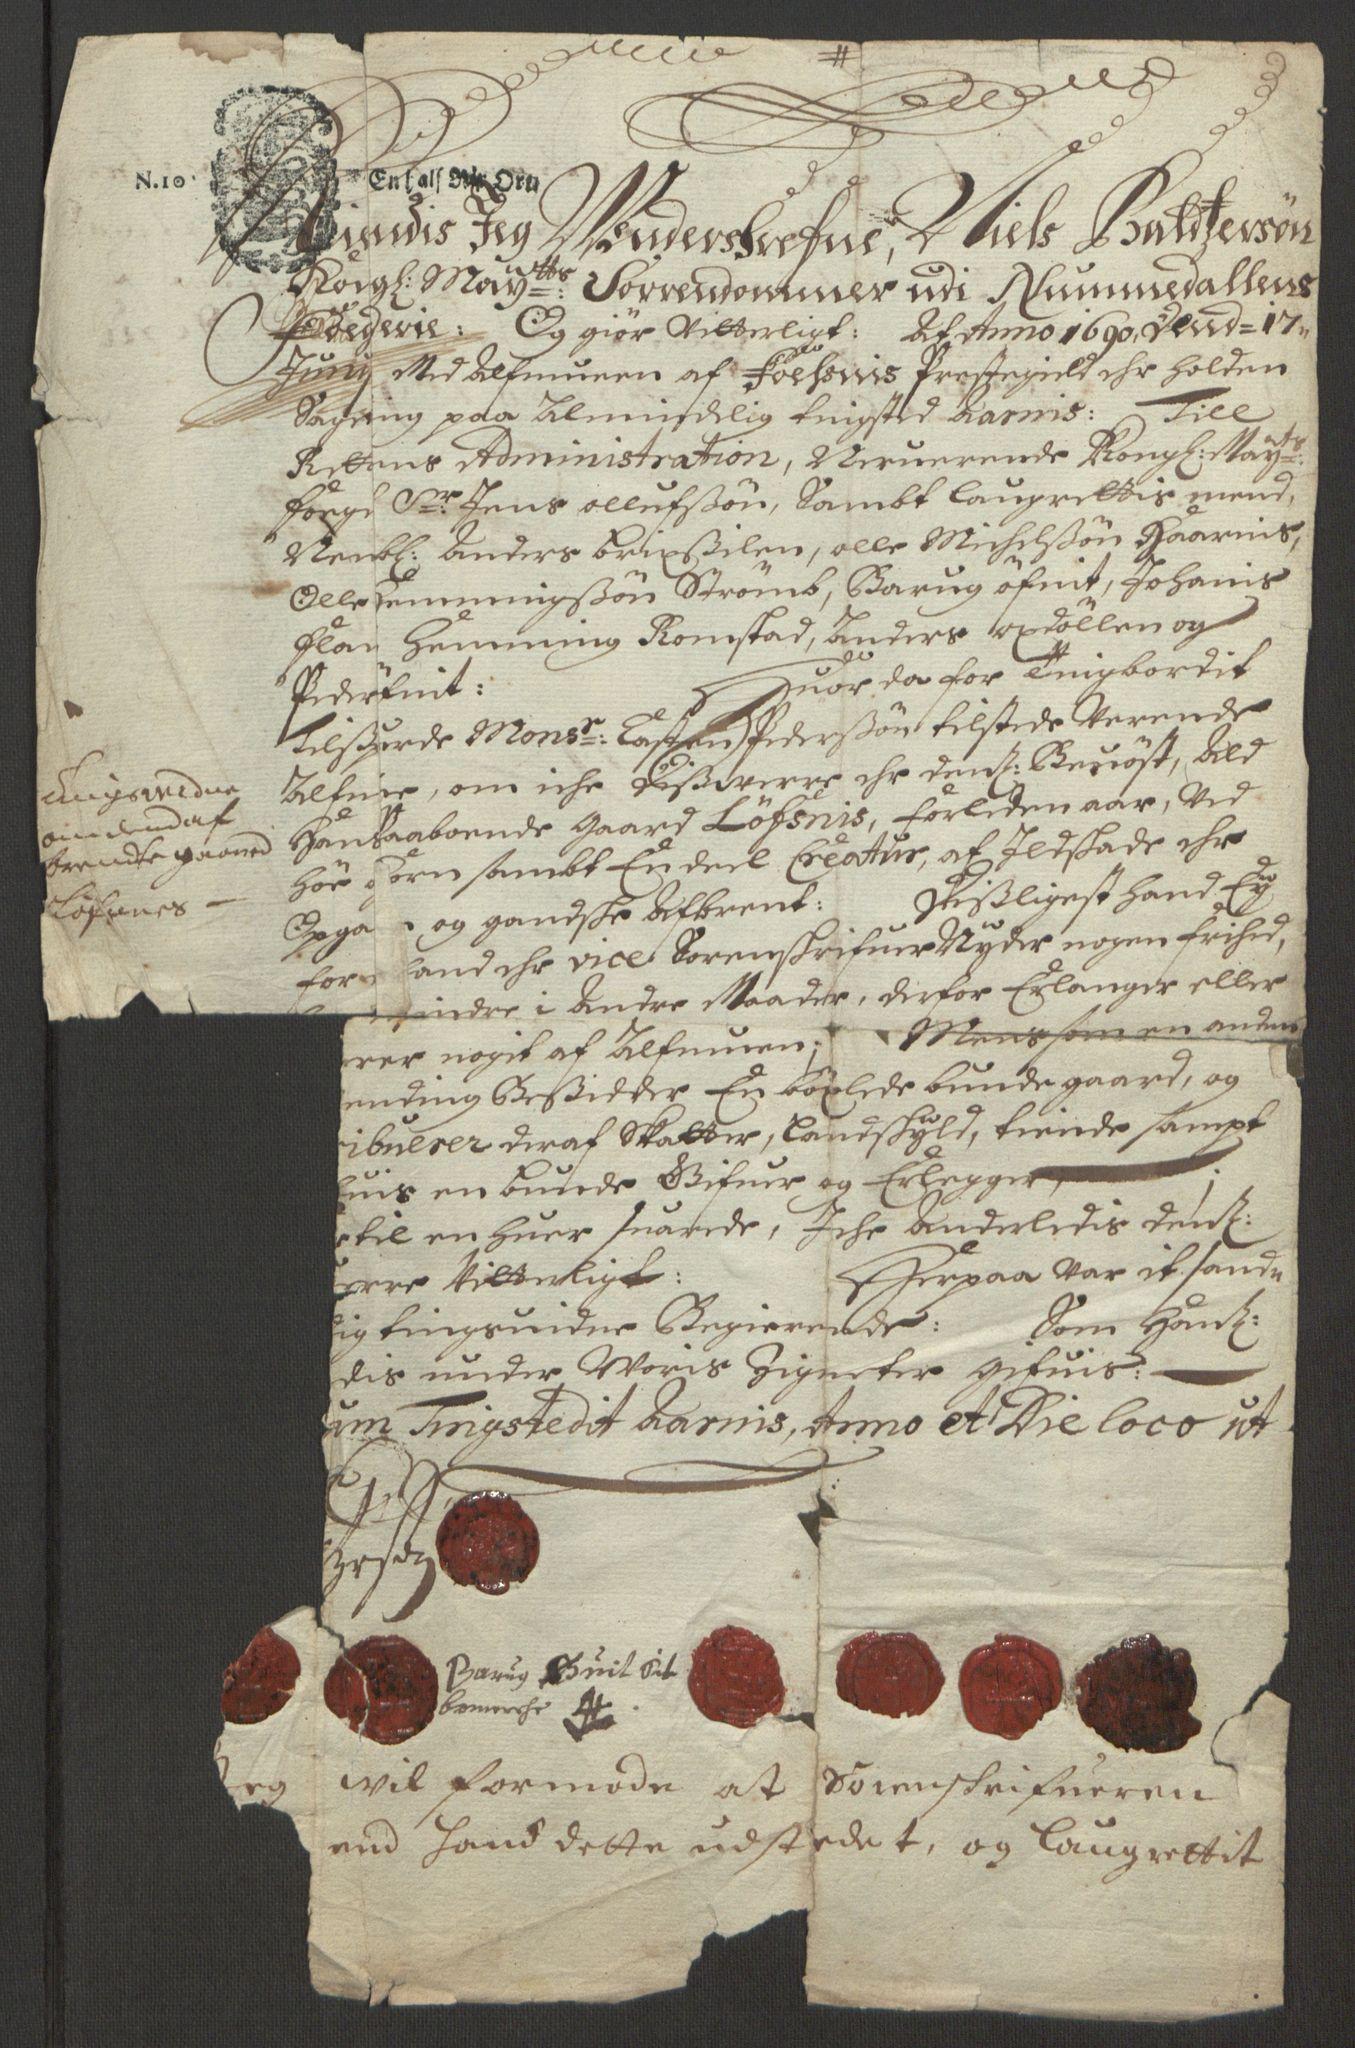 RA, Rentekammeret inntil 1814, Reviderte regnskaper, Fogderegnskap, R64/L4423: Fogderegnskap Namdal, 1690-1691, s. 374